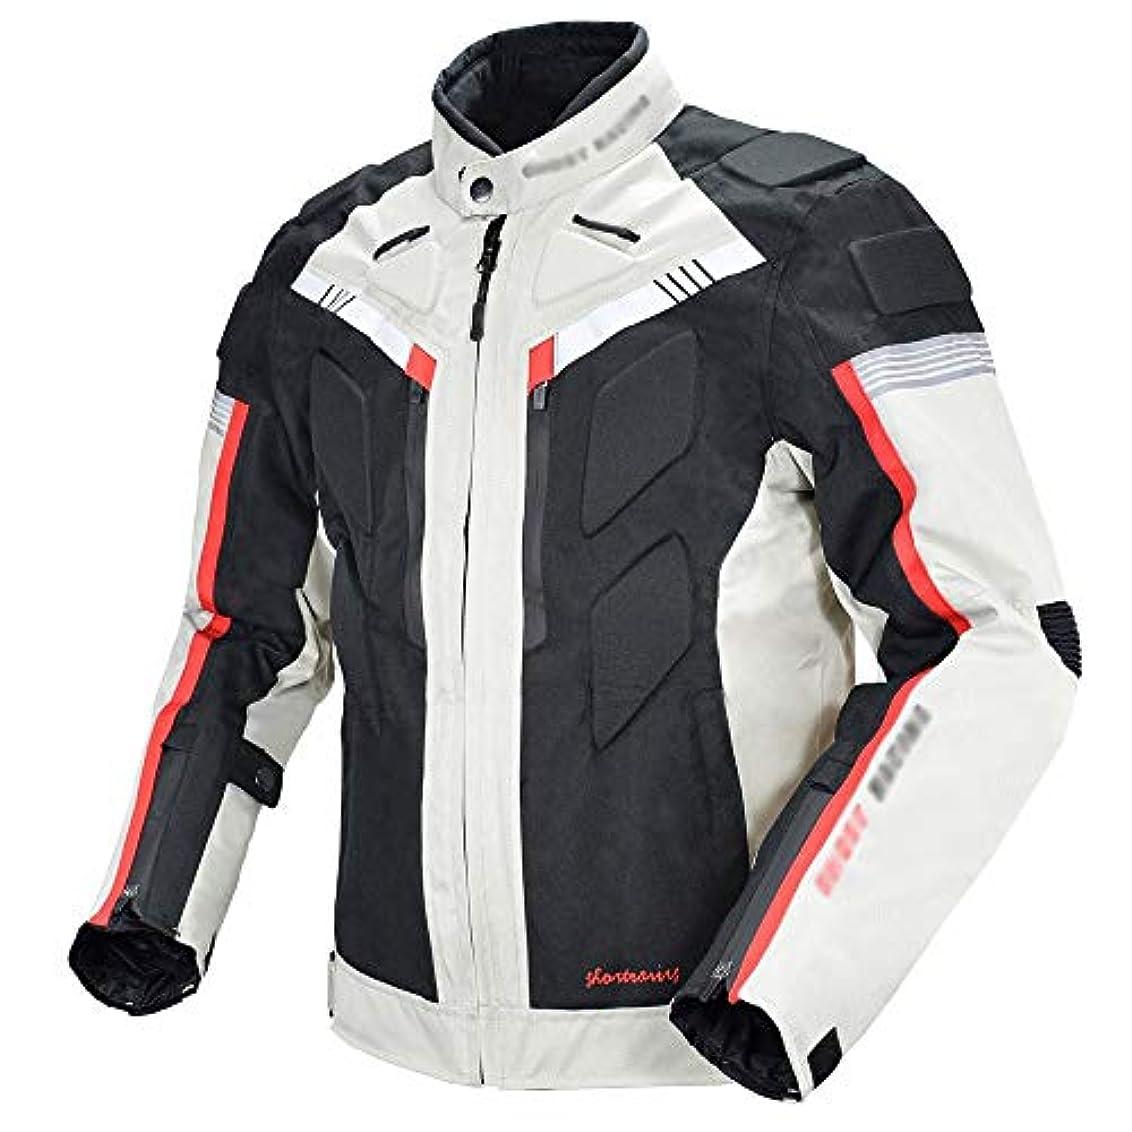 パシフィック編集する逆オートバイジャケット、オートバイジャケット防風フルボディ5保護ギアアーマー男性女性レディース、背骨背部保護プロテクター防水CE装甲(M-3XL)